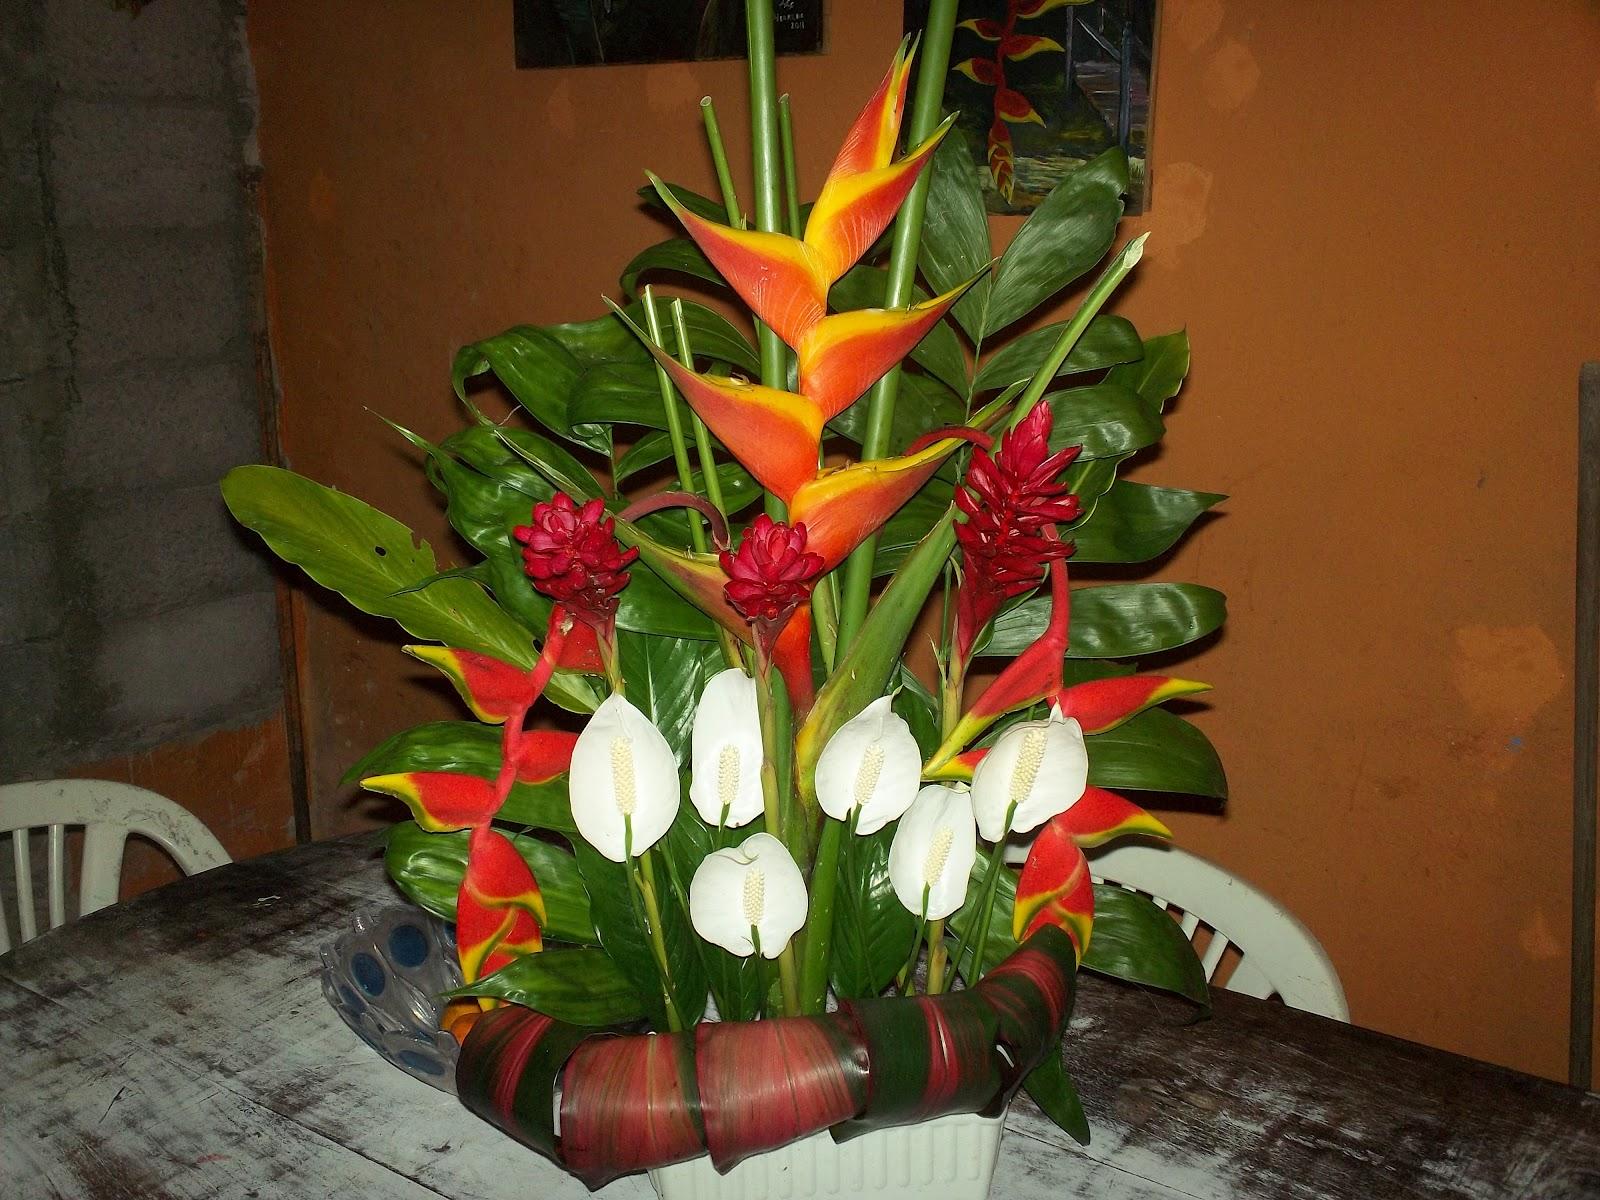 Arreglos florales tu jardin arreglos florales para for Arreglo del jardin